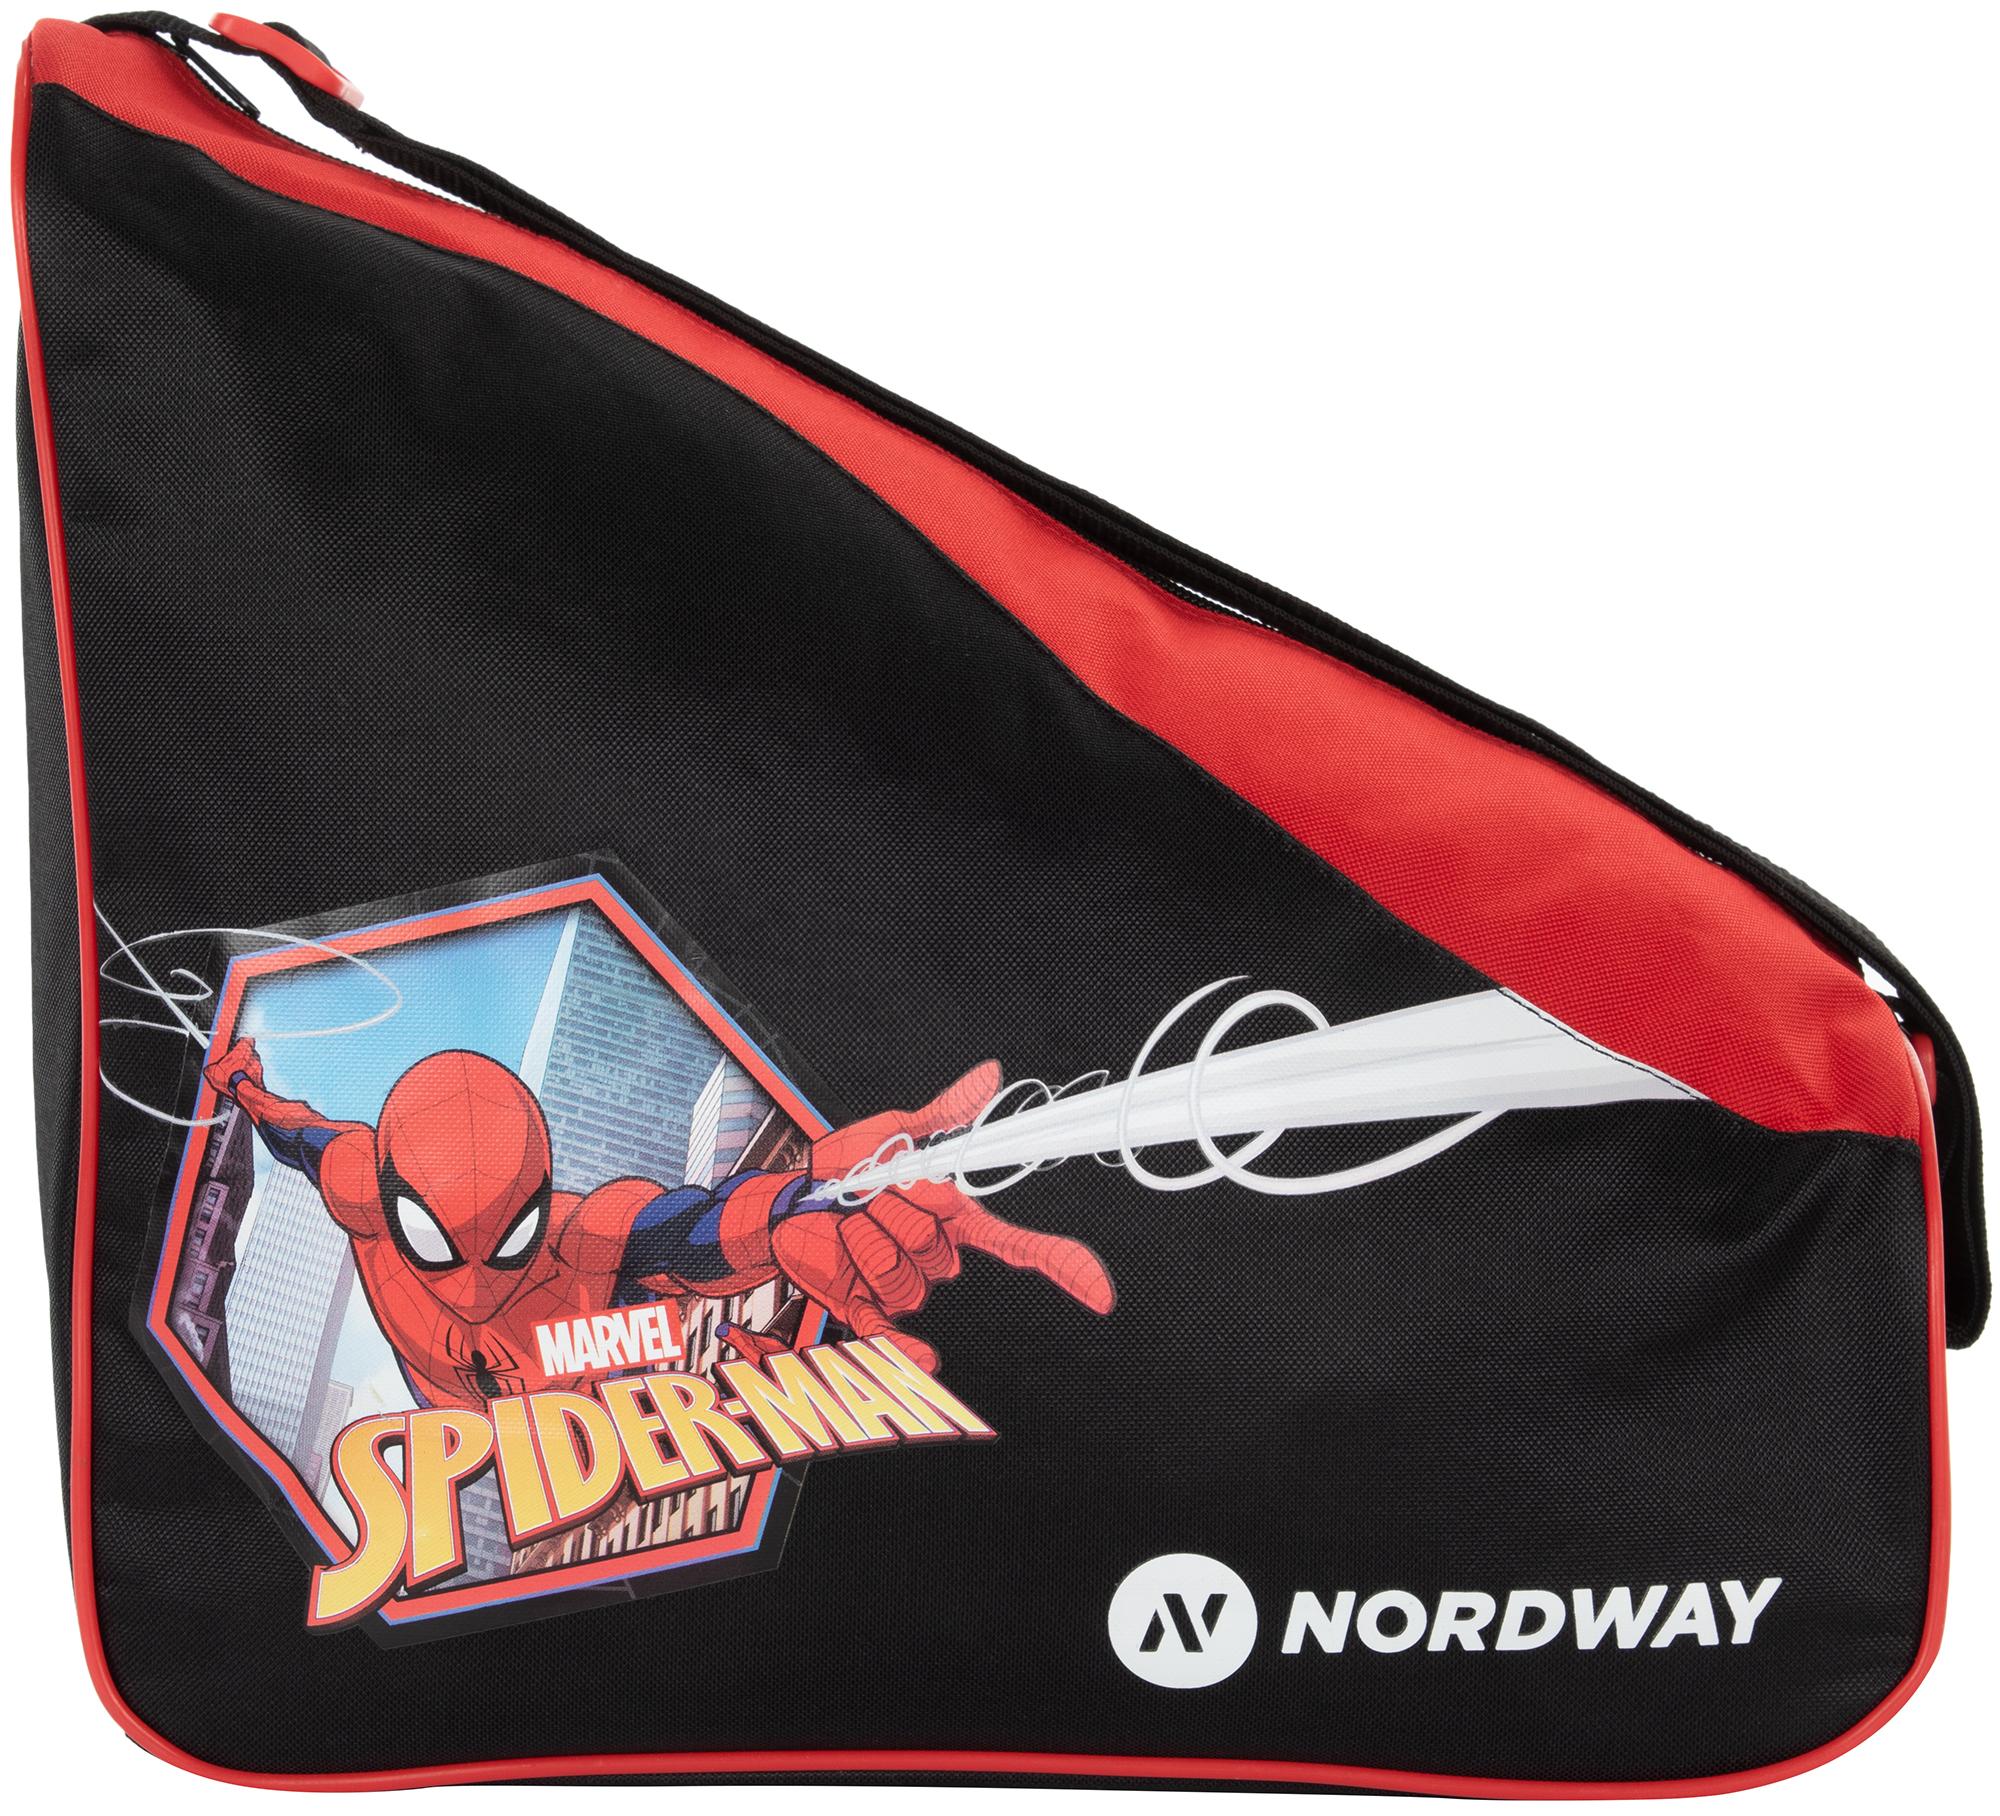 nordway клюшка хоккейная детская nordway Nordway Сумка для ледовых коньков детская Nordway SPIDER-MAN